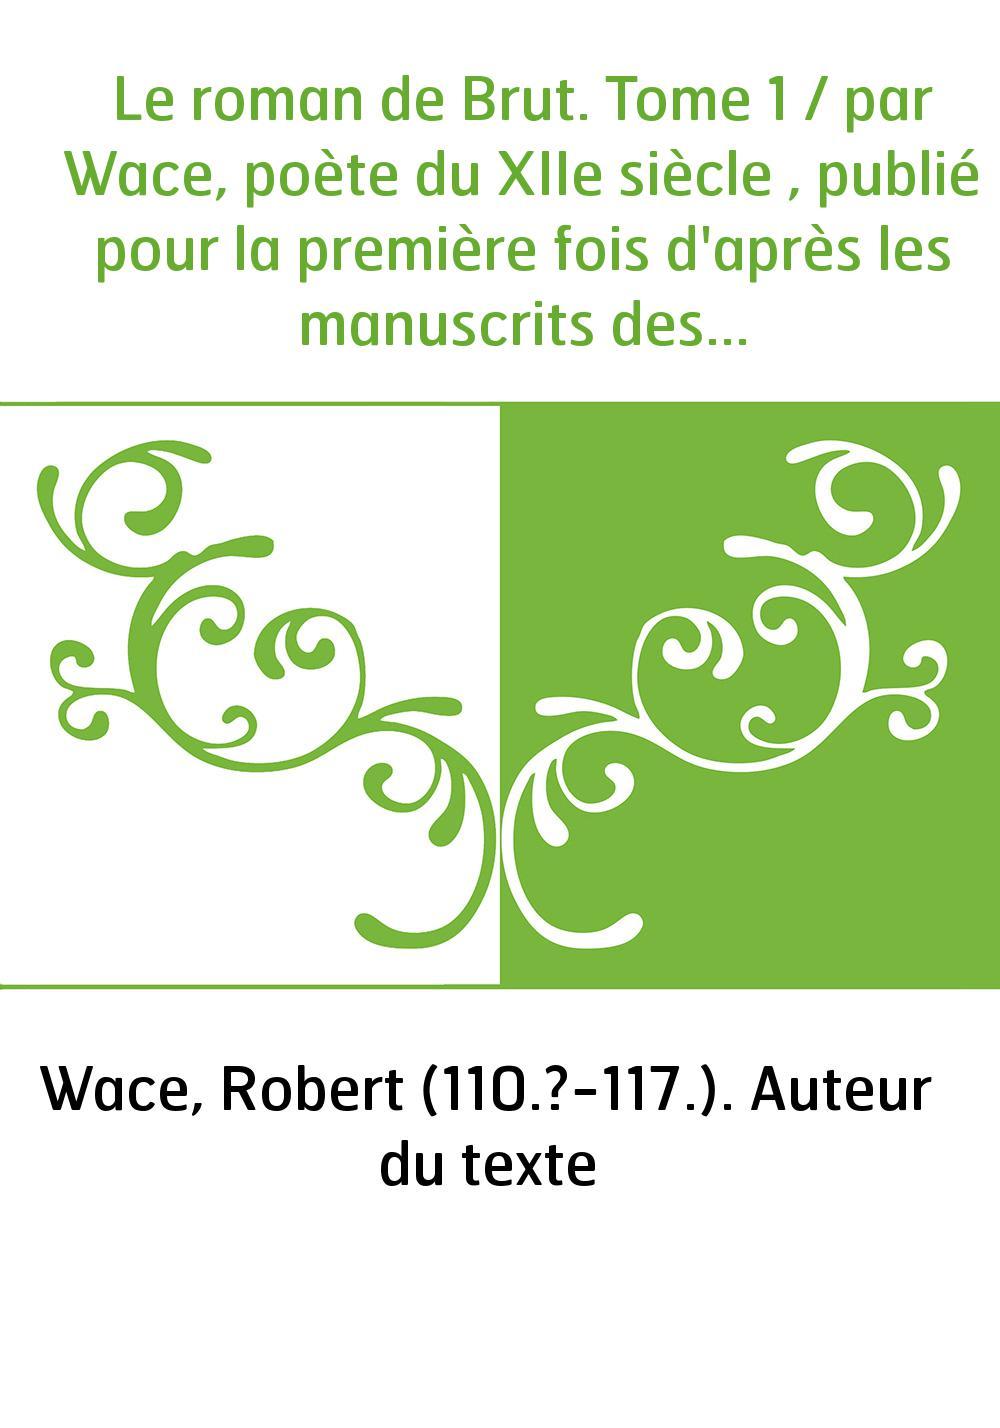 Le roman de Brut. Tome 1 / par Wace, poète du XIIe siècle , publié pour la première fois d'après les manuscrits des bibliothèque